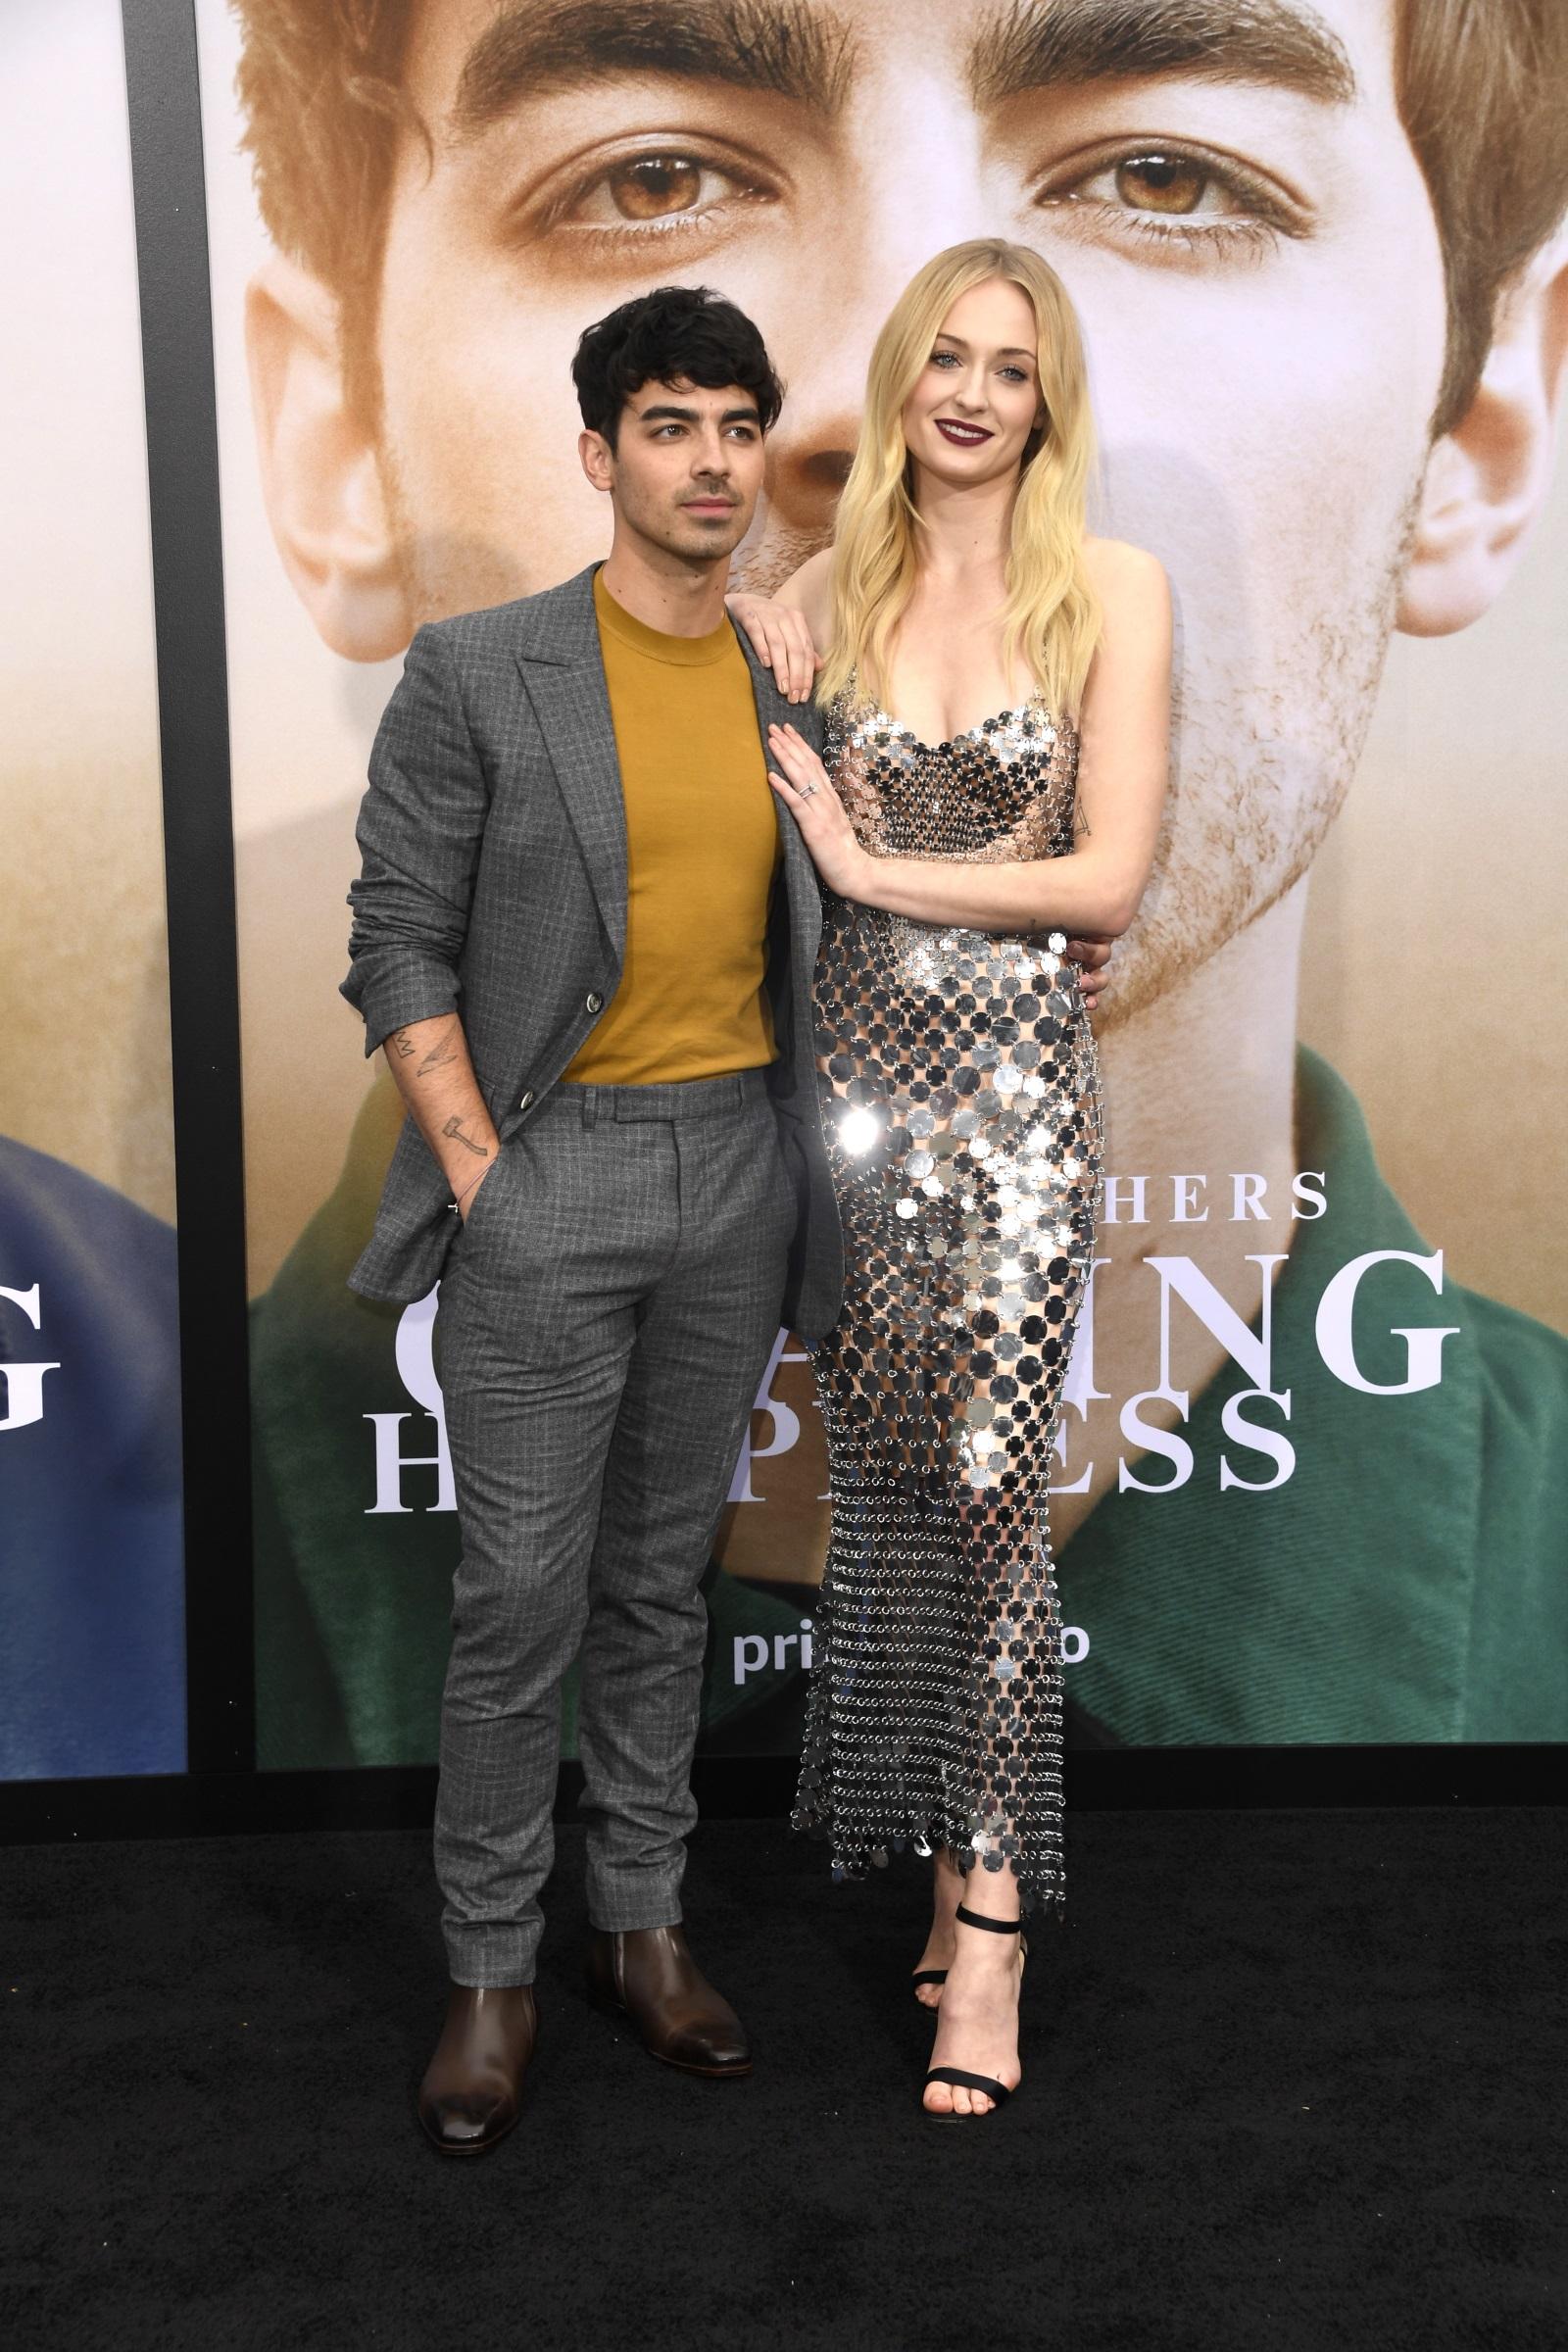 Софи Търнър и Джо Джонсън<br /> На високи обувки актрисата е с 10 см по-висока от съпруга си.